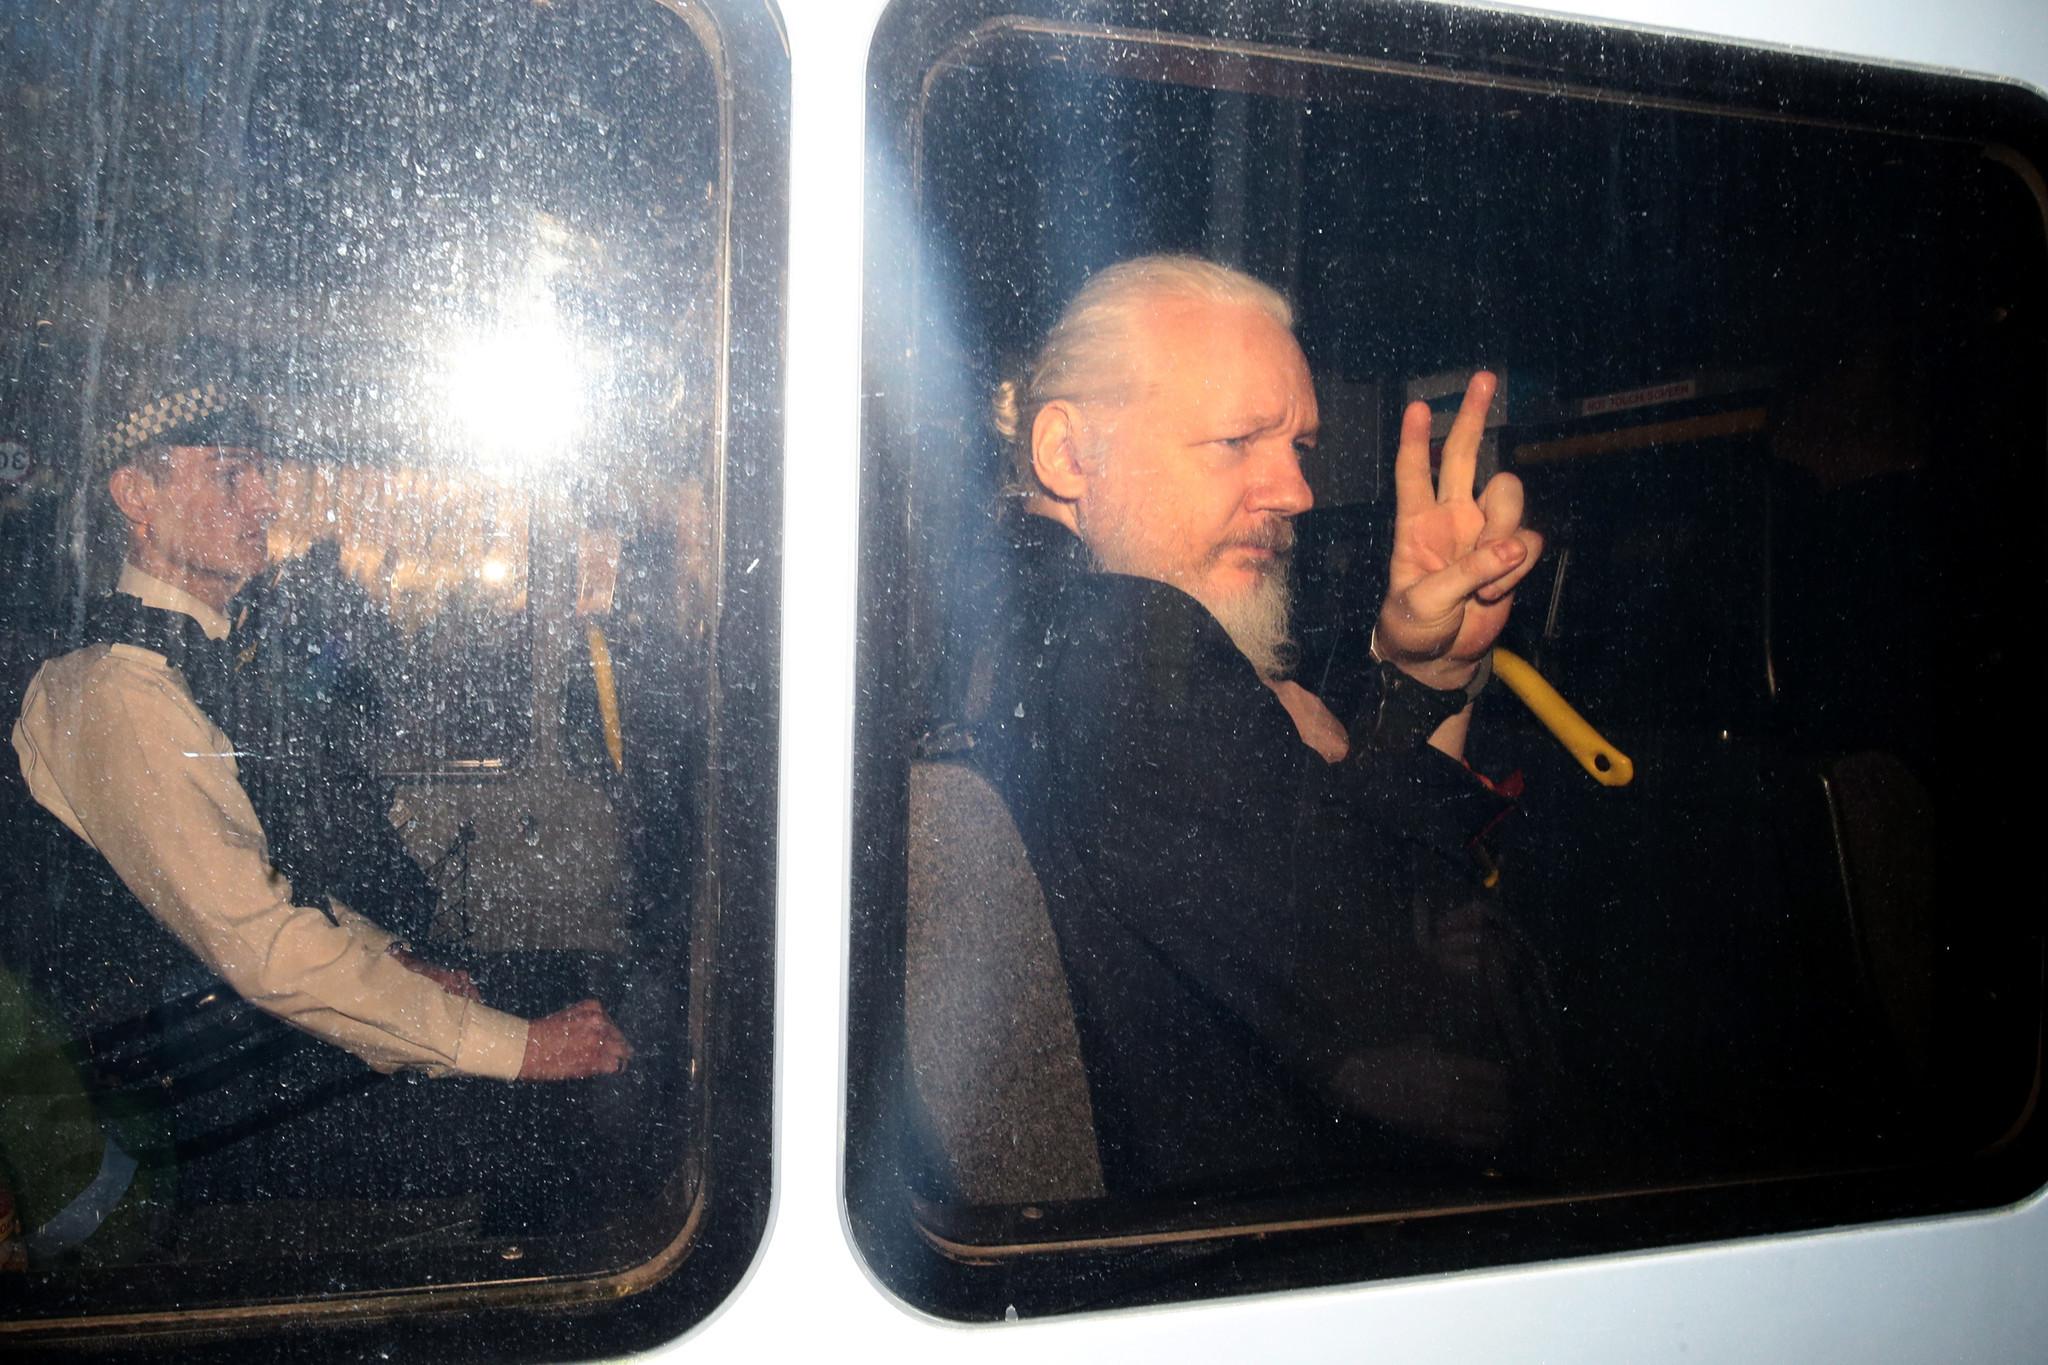 Estados Unidos presenta 18 cargos en contra de Julian Assange